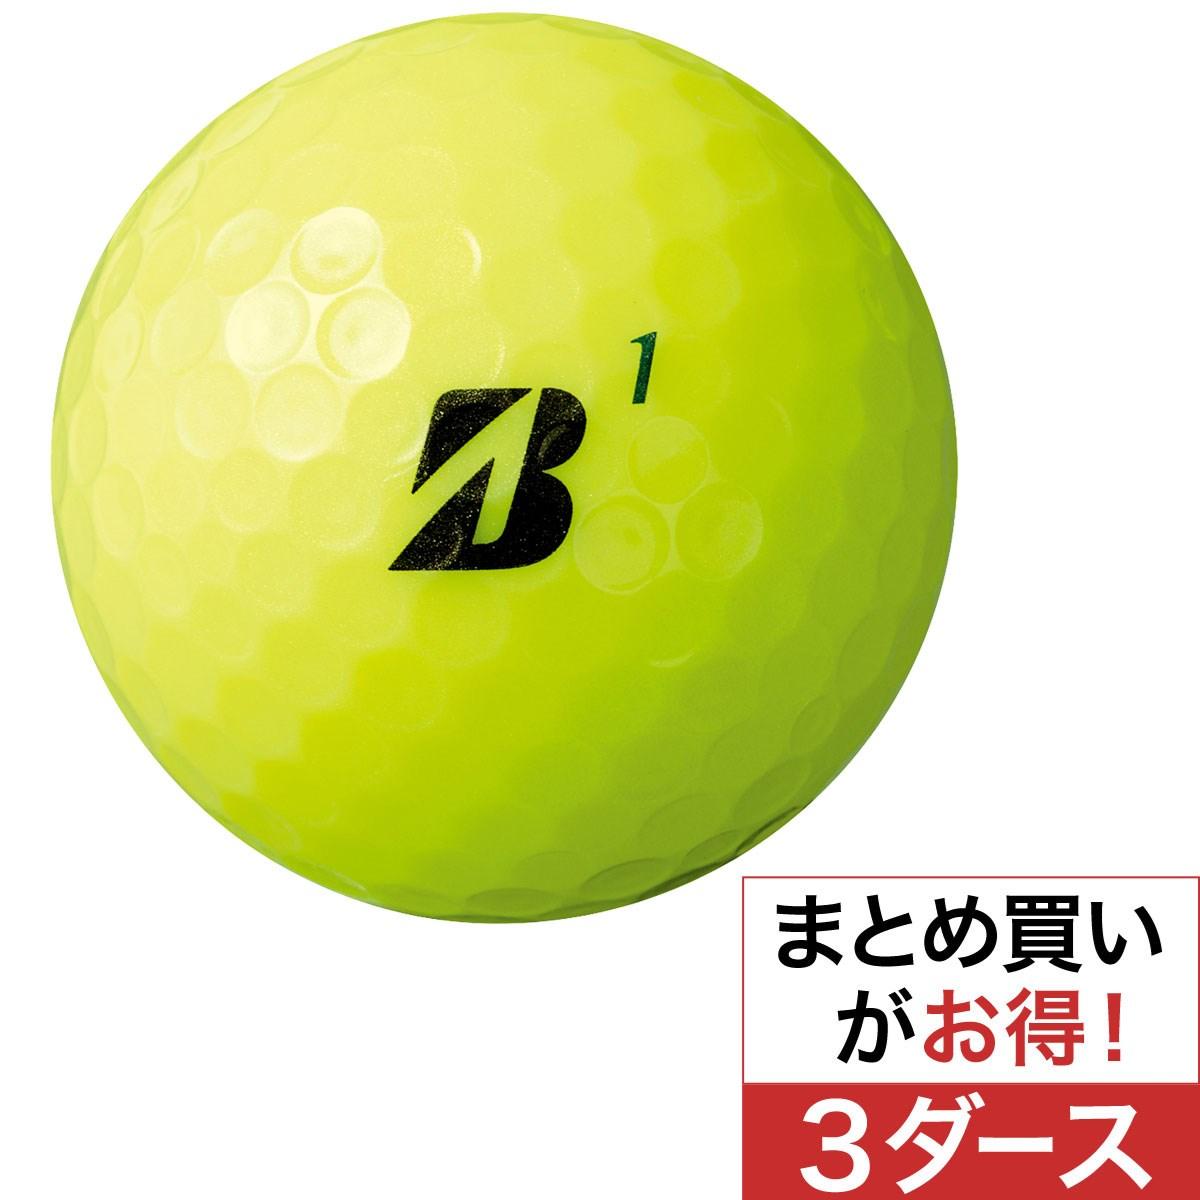 ブリヂストン(BRIDGESTONE GOLF) TOUR B XS ボール 3ダースセット【オンネームサービス有り】(文字色:黒のみ)【2020年2月21日発売予定】